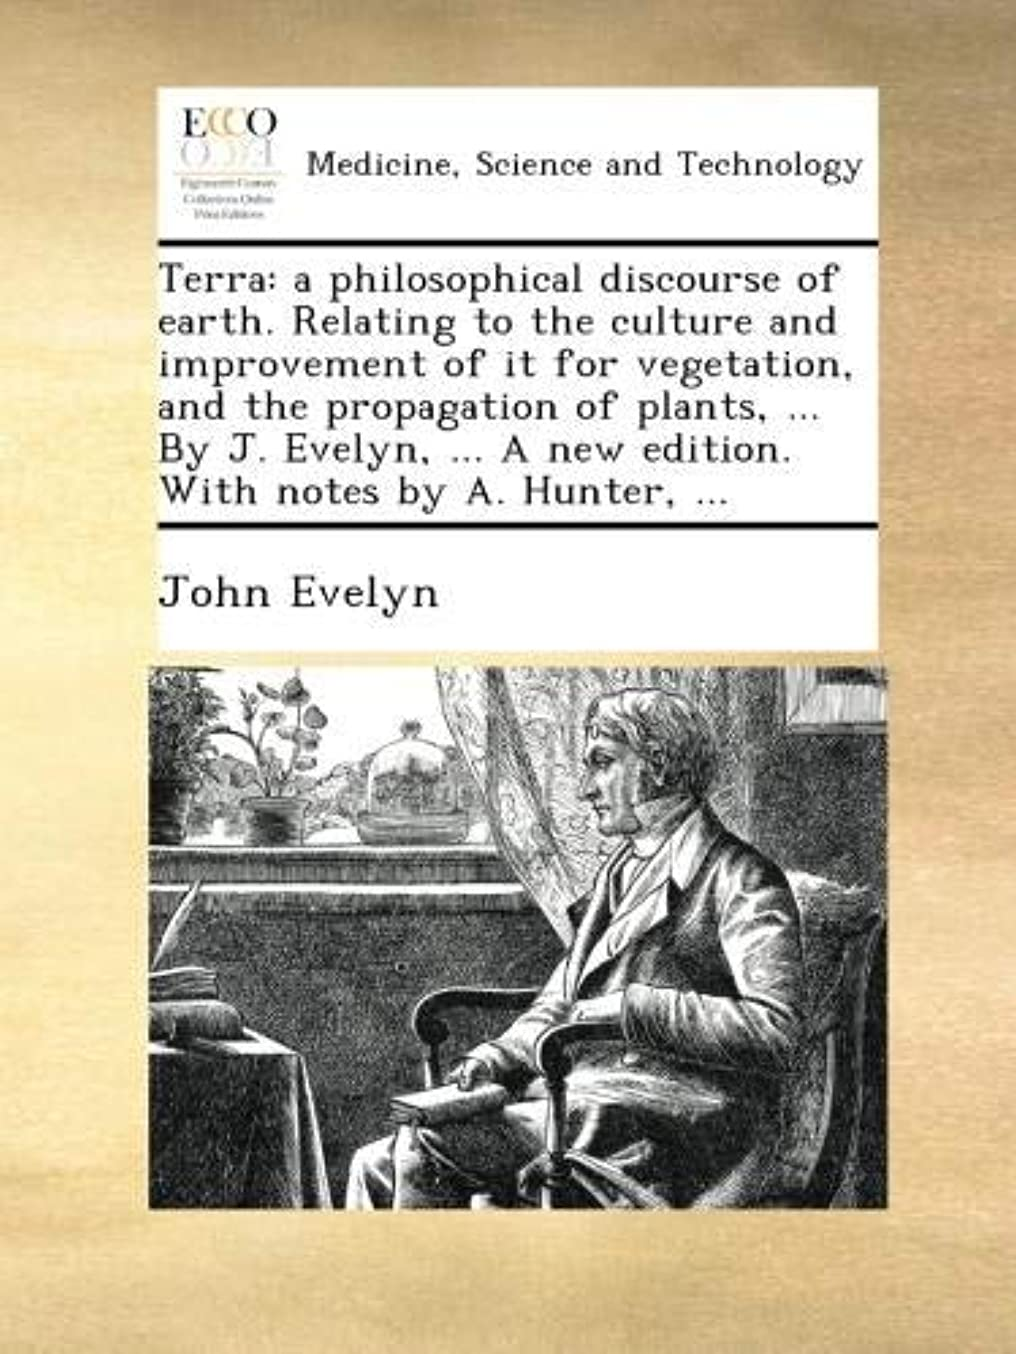 レンディションマングル創始者Terra: a philosophical discourse of earth. Relating to the culture and improvement of it for vegetation, and the propagation of plants, ... By J. Evelyn, ... A new edition. With notes by A. Hunter, ...